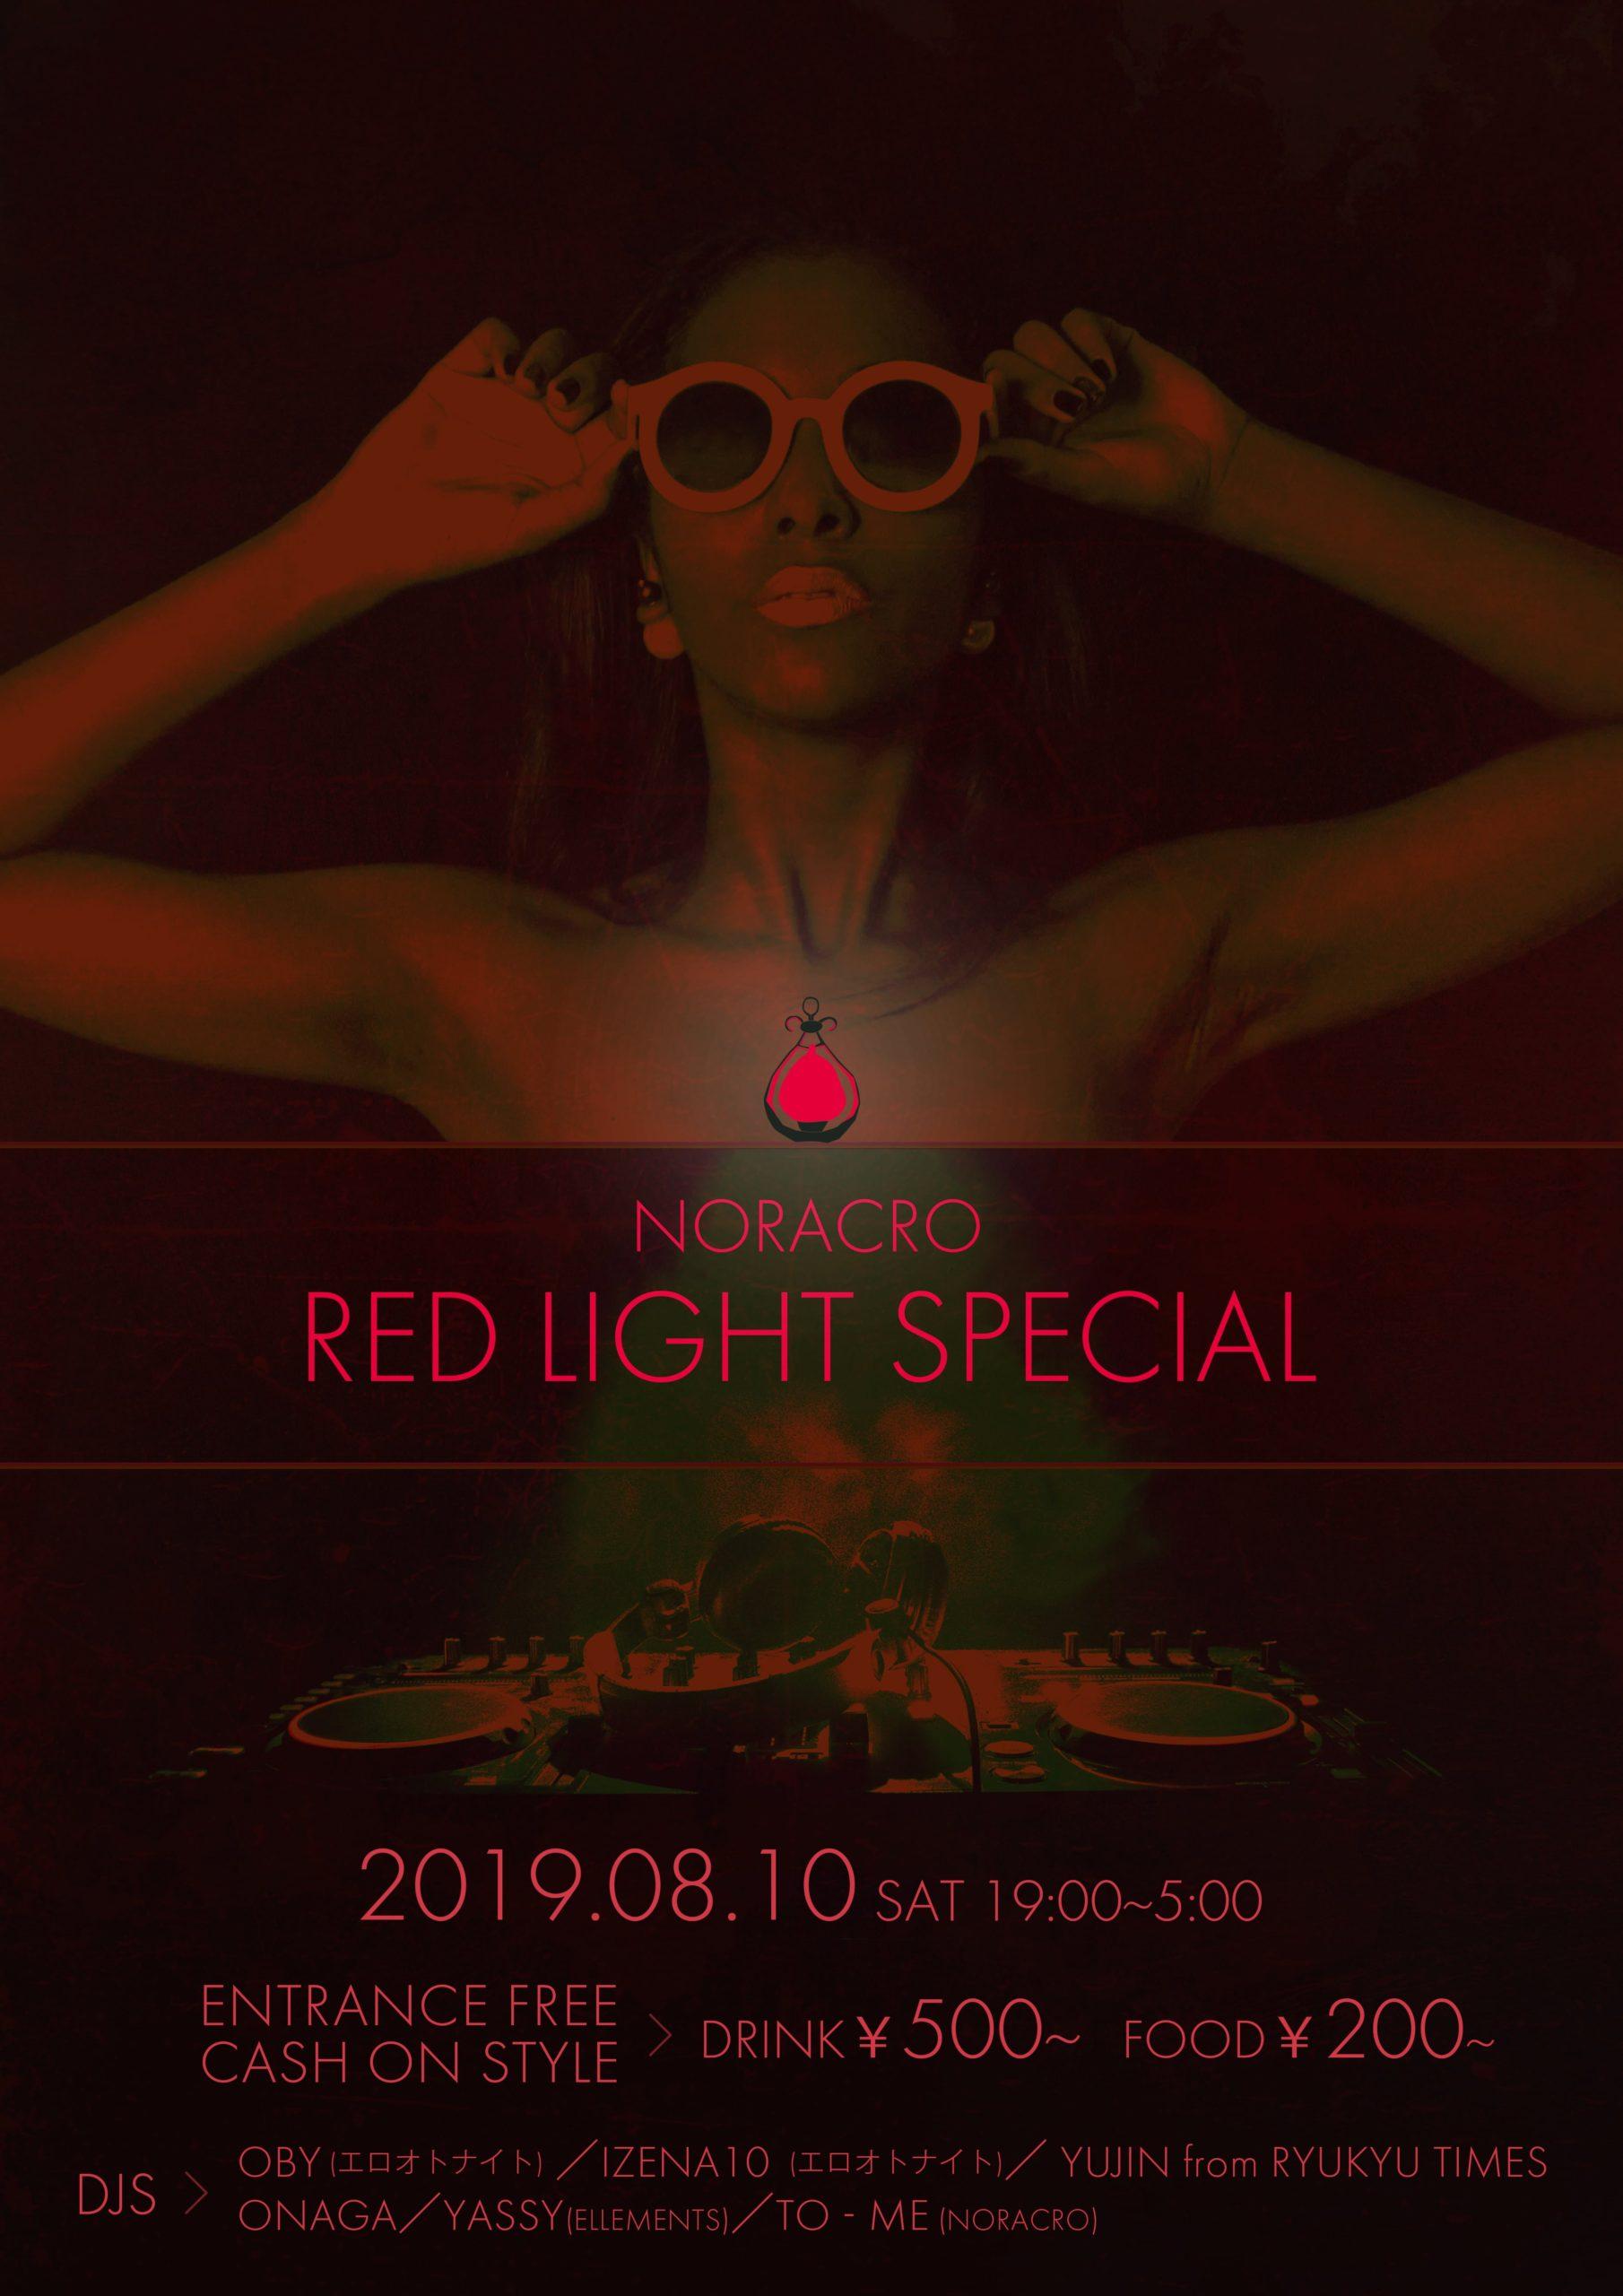 イベント名「Red Light Special」。 TLCのALBUMからInspirationされたイベントタイトルとの事です。